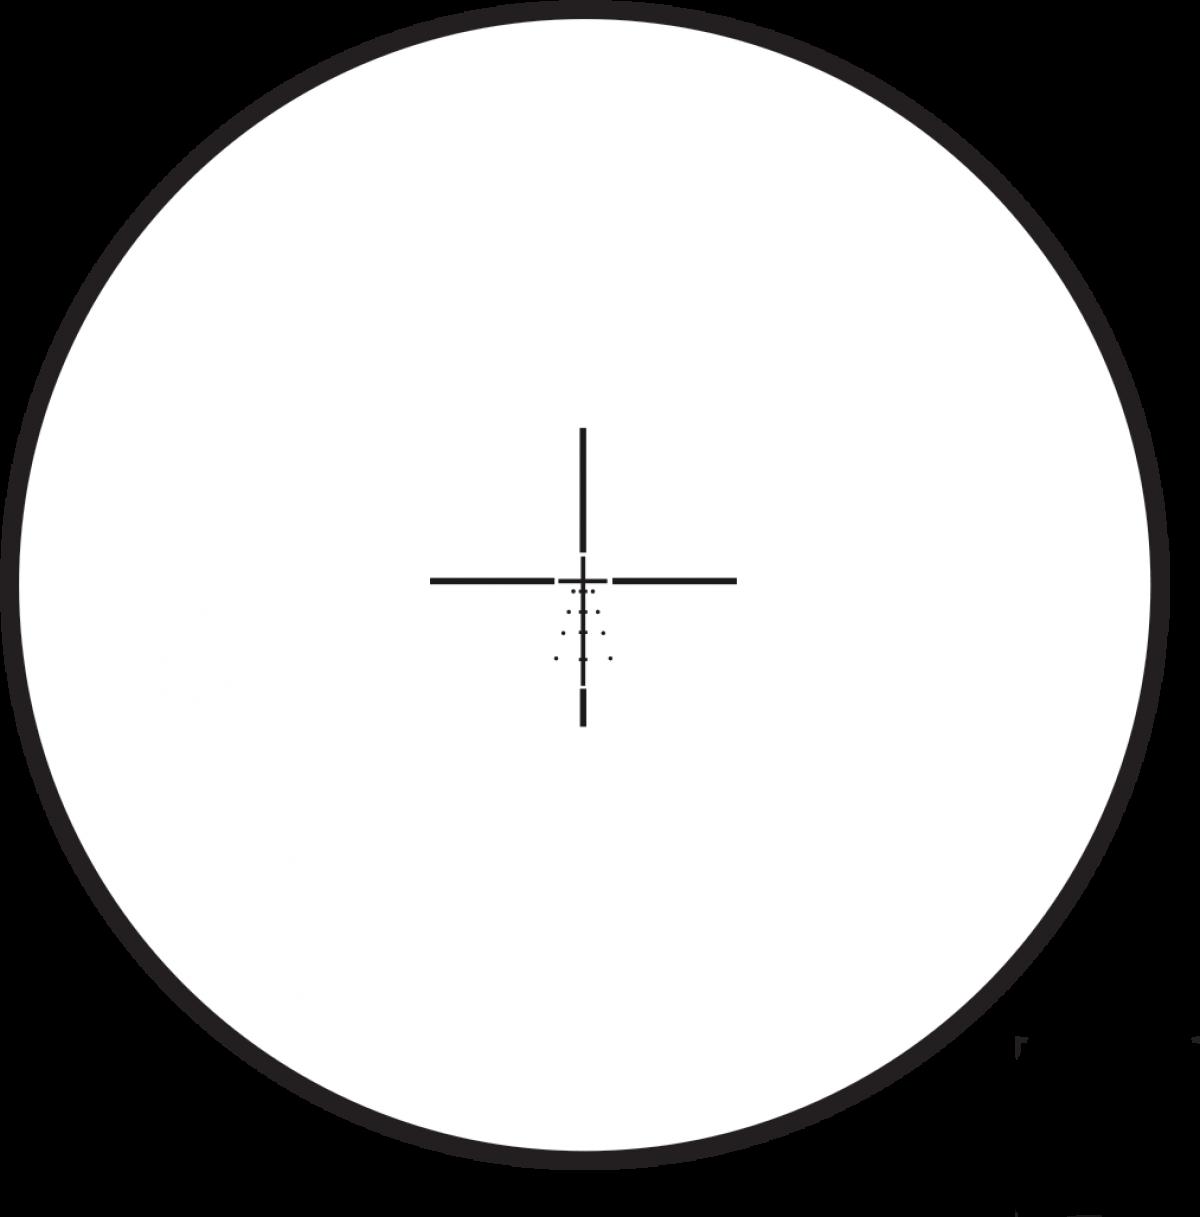 RETICULA BALLISTIC PLEX E1